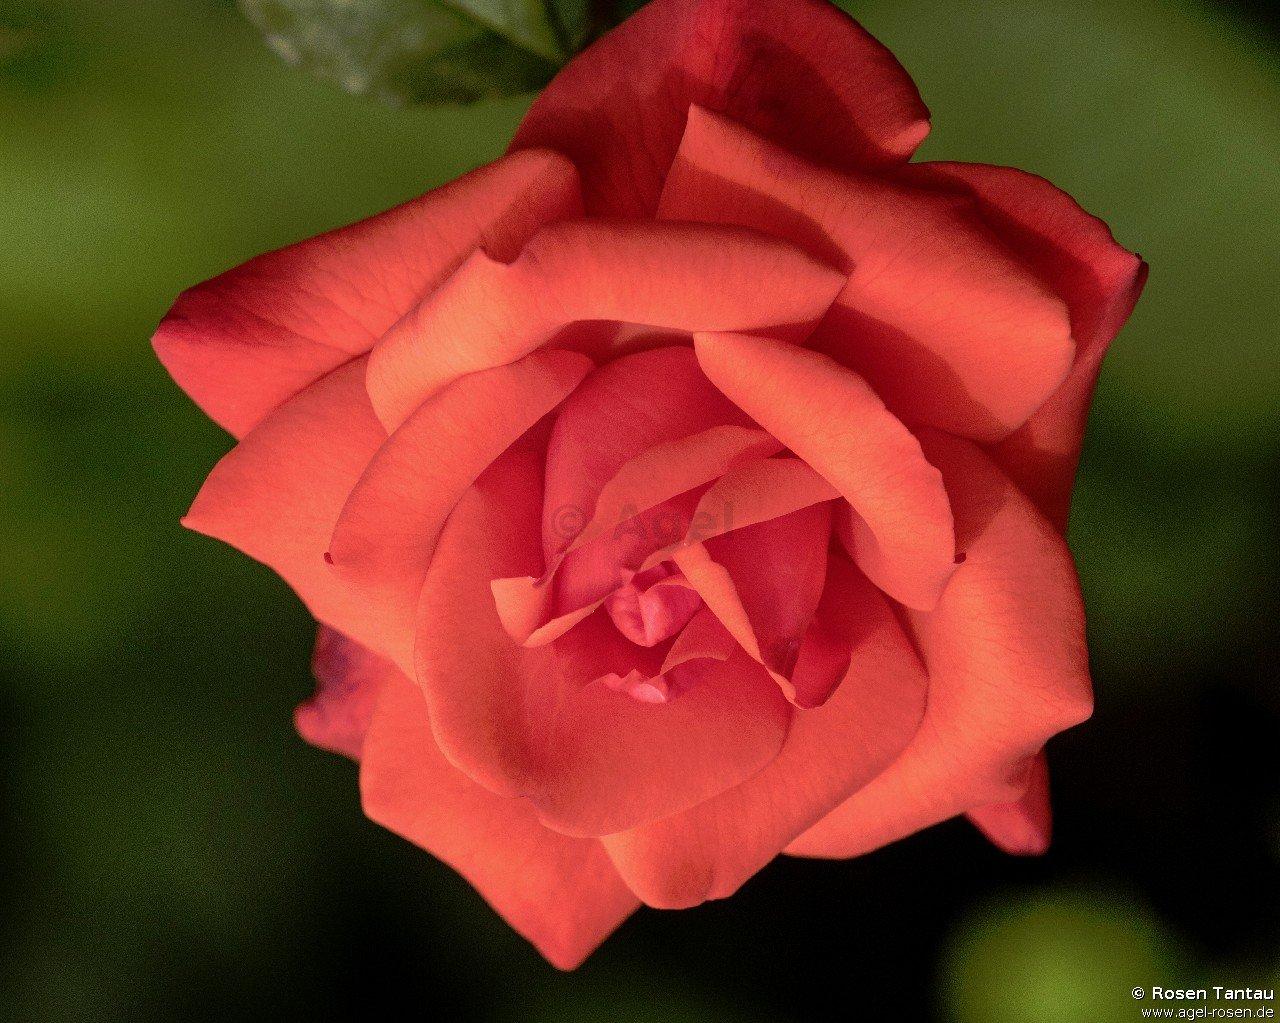 rose piccolo online kaufen agel rosen 1 5 liter. Black Bedroom Furniture Sets. Home Design Ideas